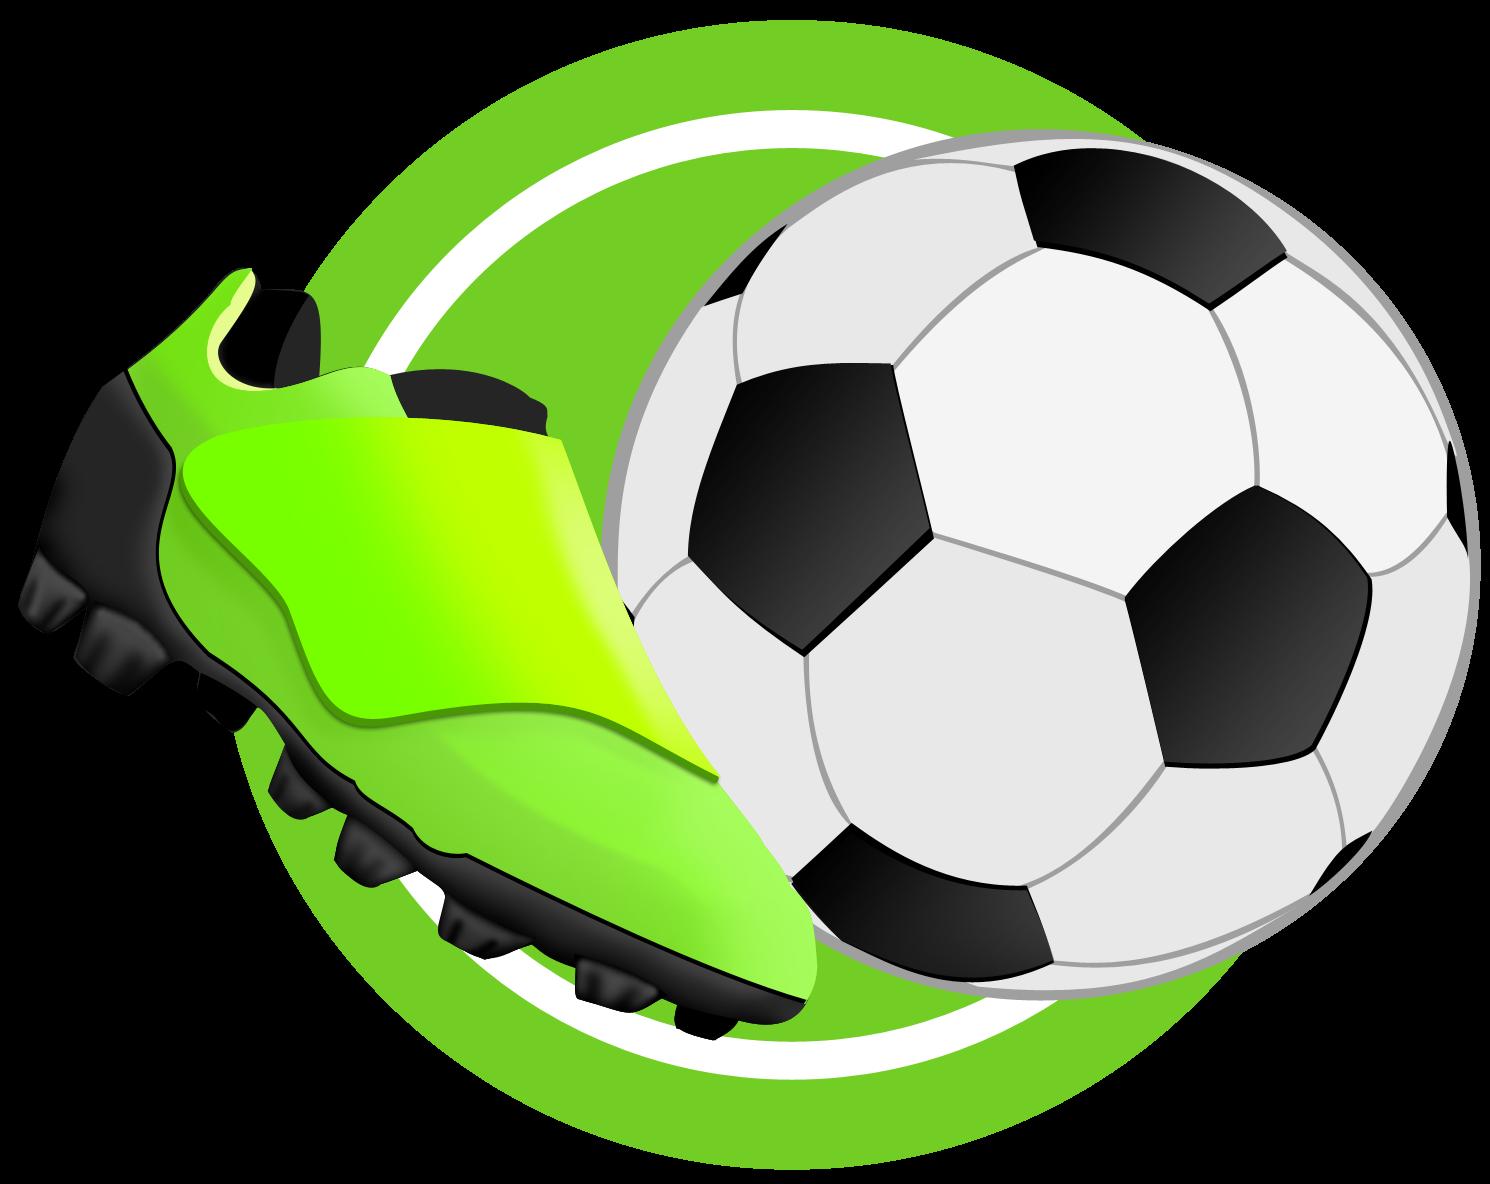 مشاهدة مباريات اليوم بث مباشر موقع يلا شوت Yalla Shoot اهم مباريات اليوم Bein Match